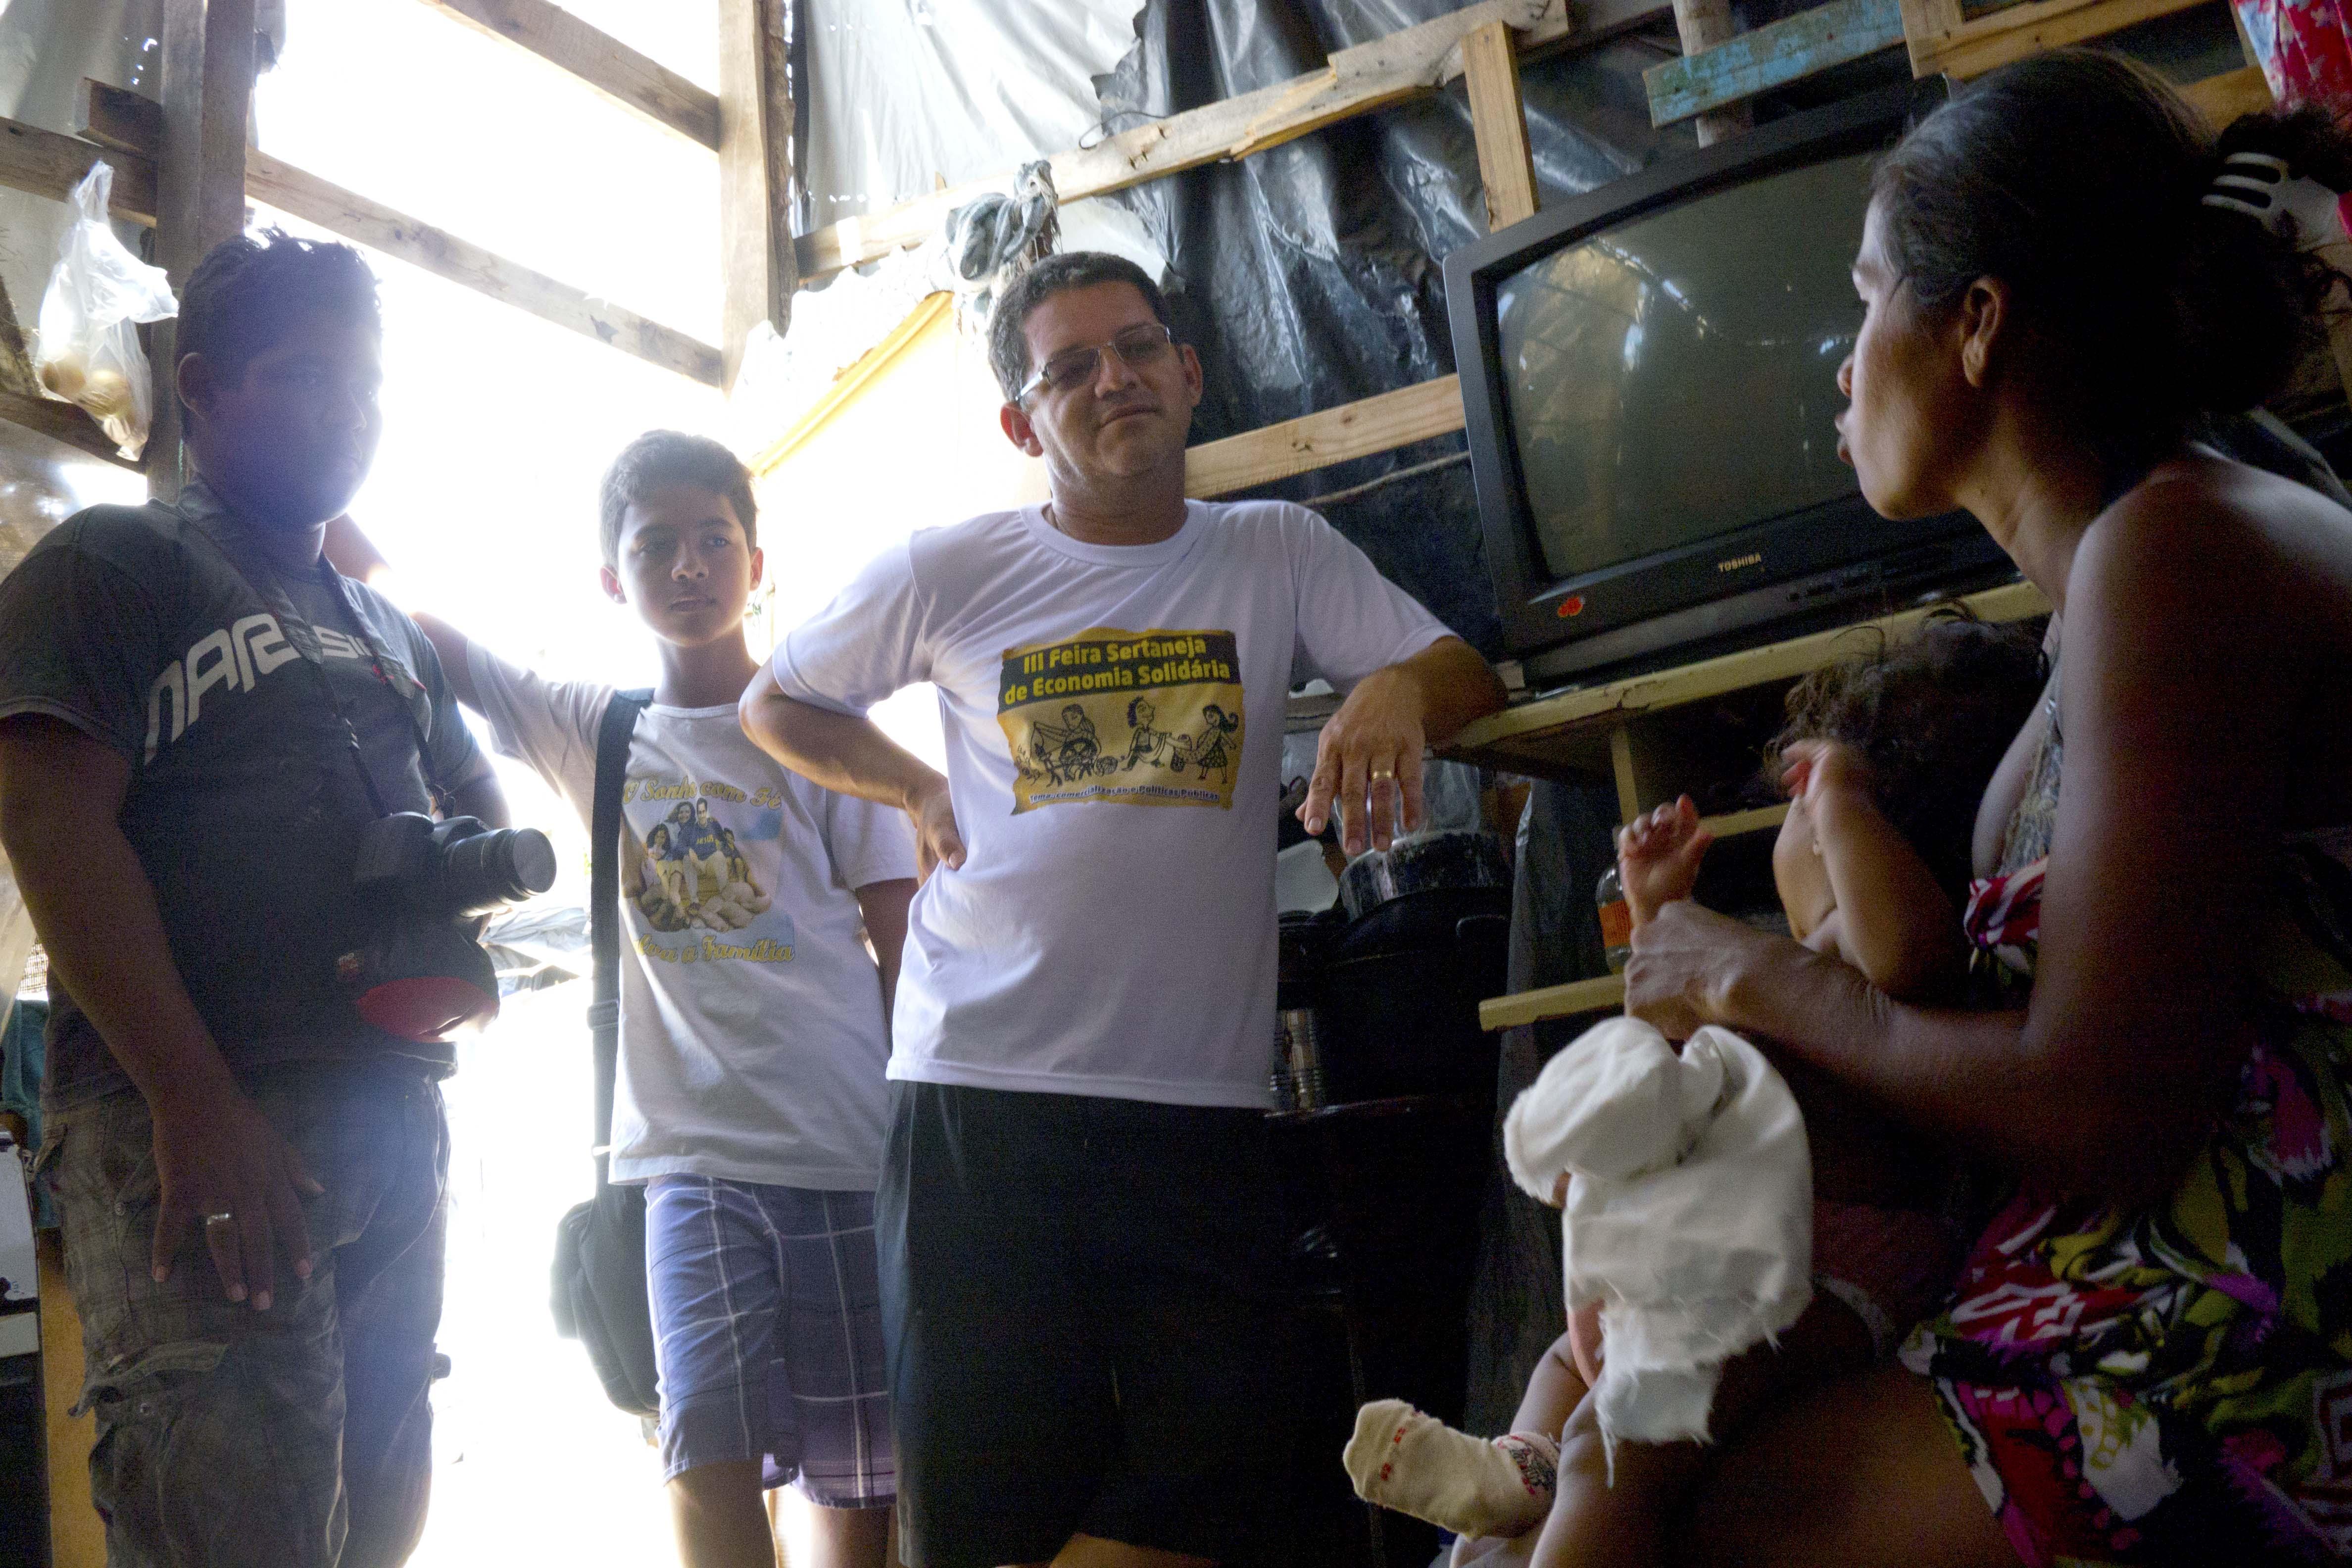 20 P1340895 Begegnung mit den Wohnungslosen. Betreuer Ricardo, Bruno und Ruan. Foto Marco Keller